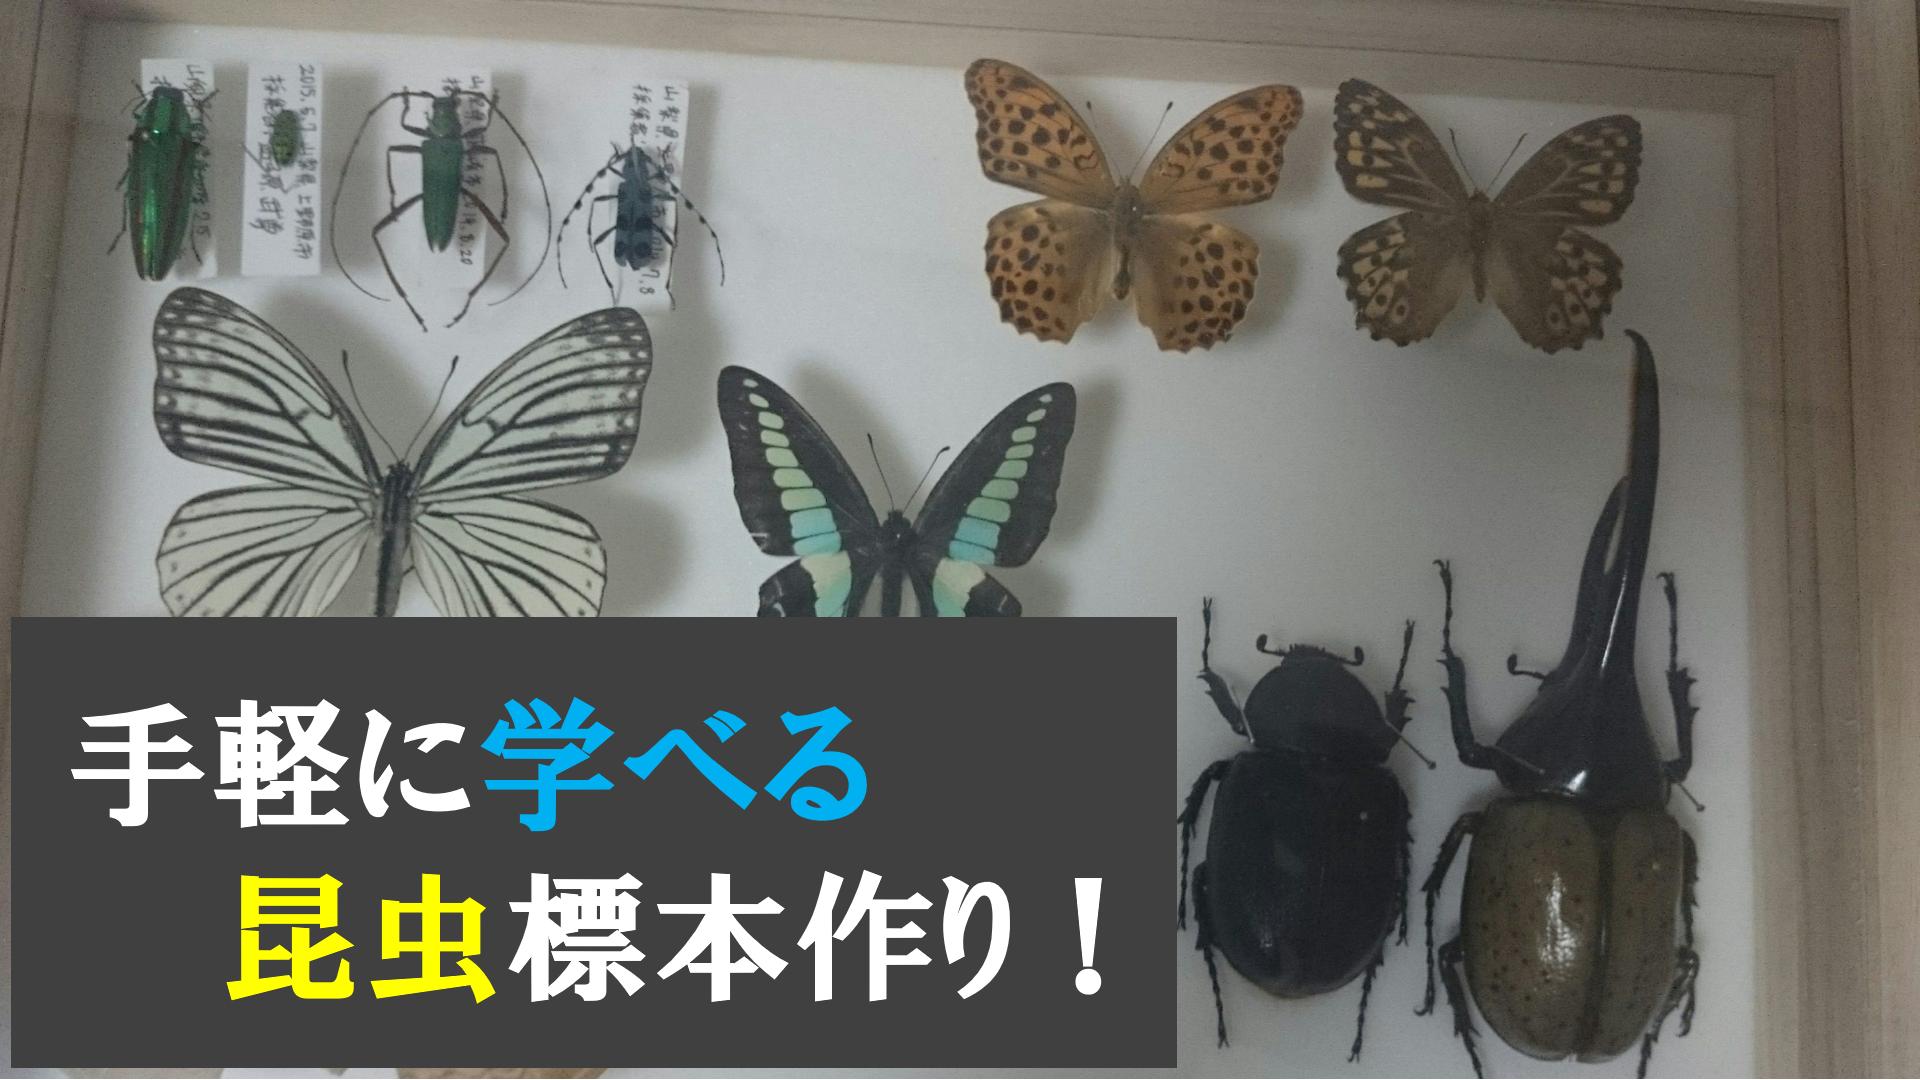 手軽に学べる標本作り 9/14日(土)に開催!!